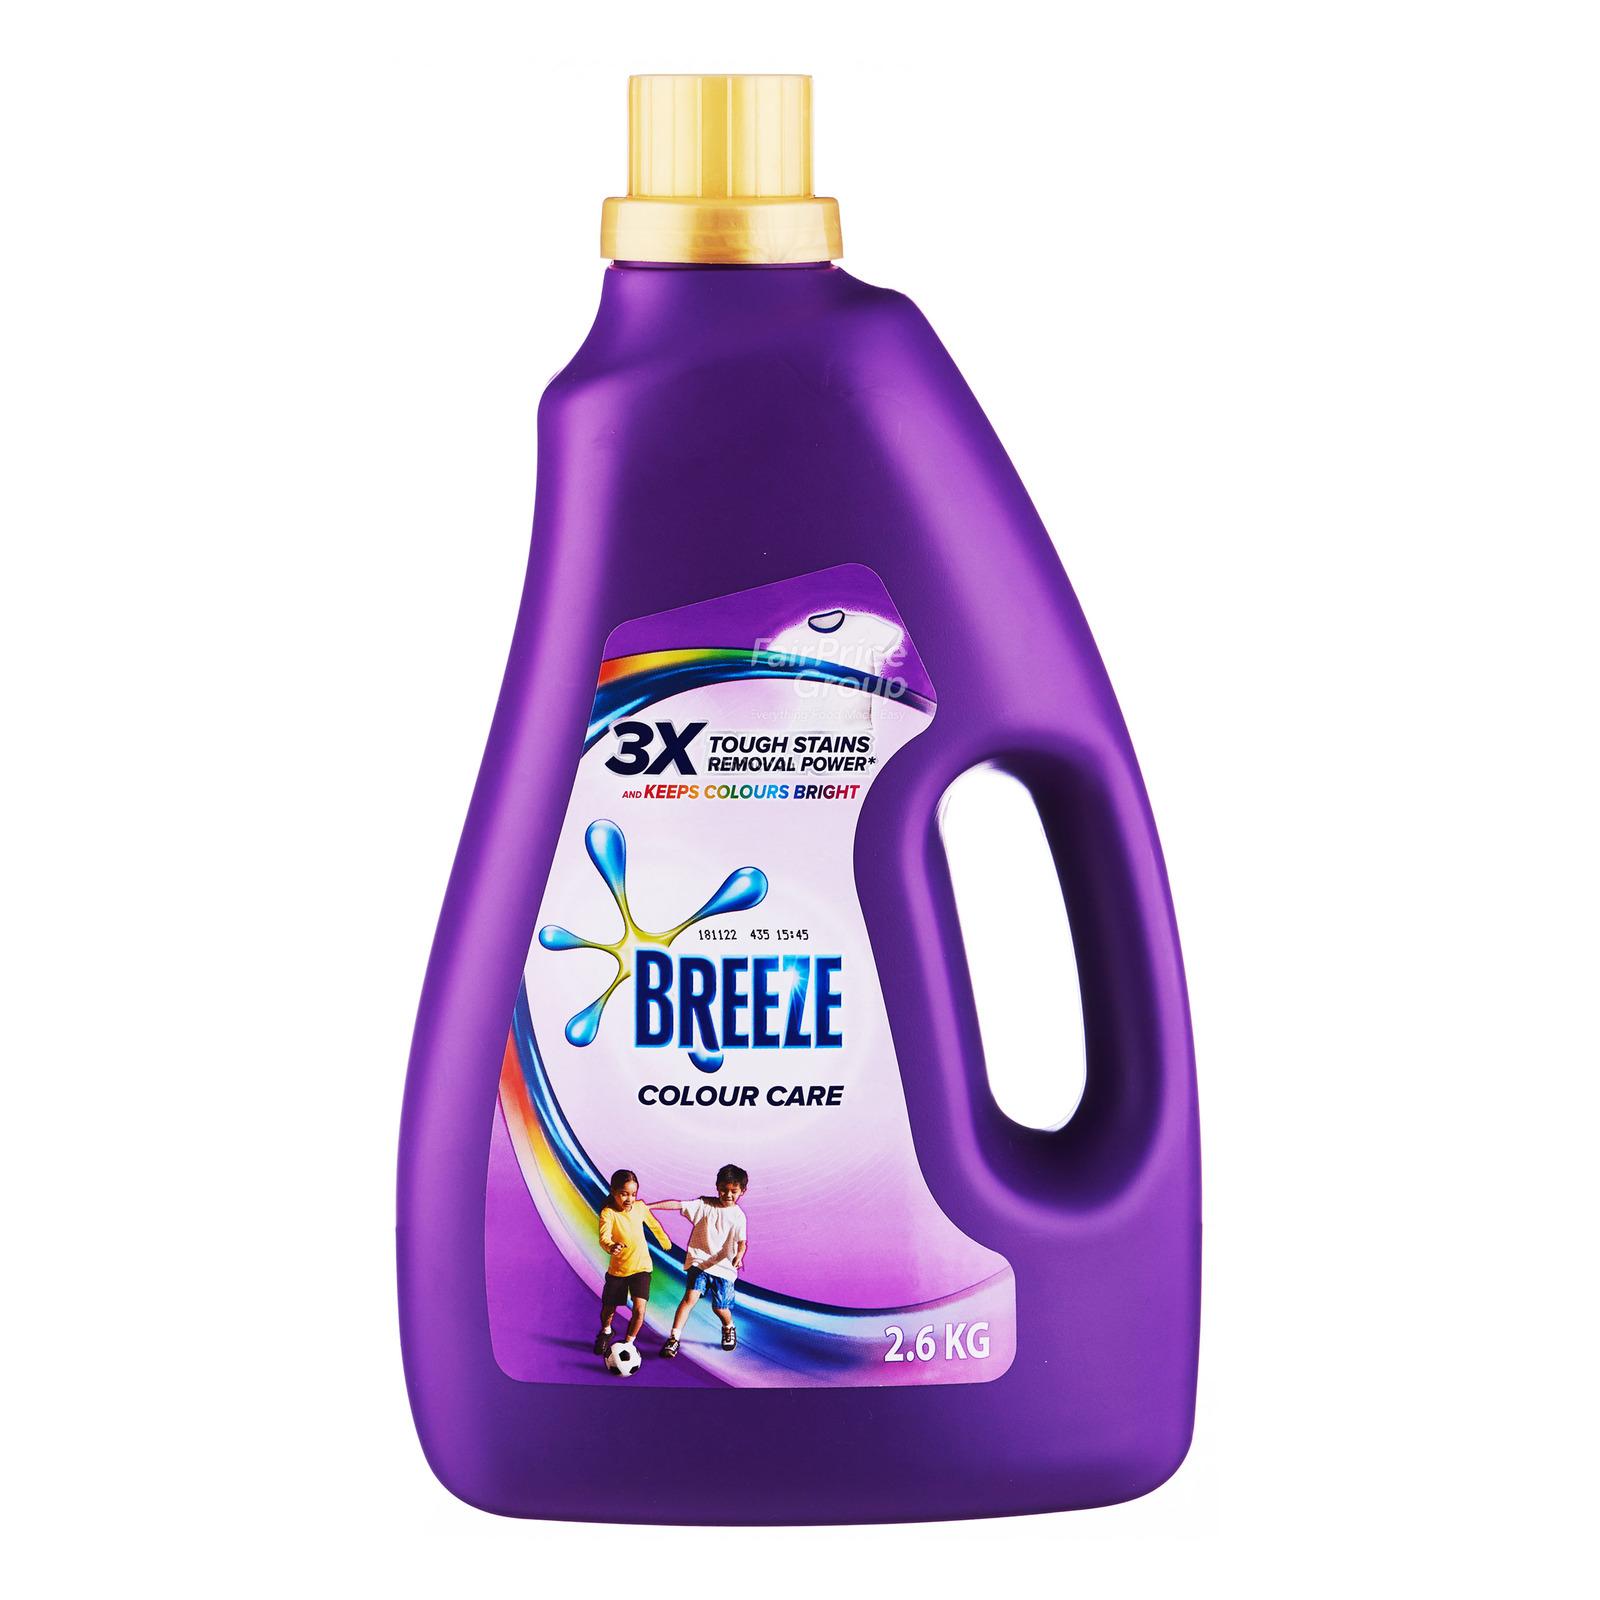 BREEZE Liquid Detergent Colour Care 2.6kg